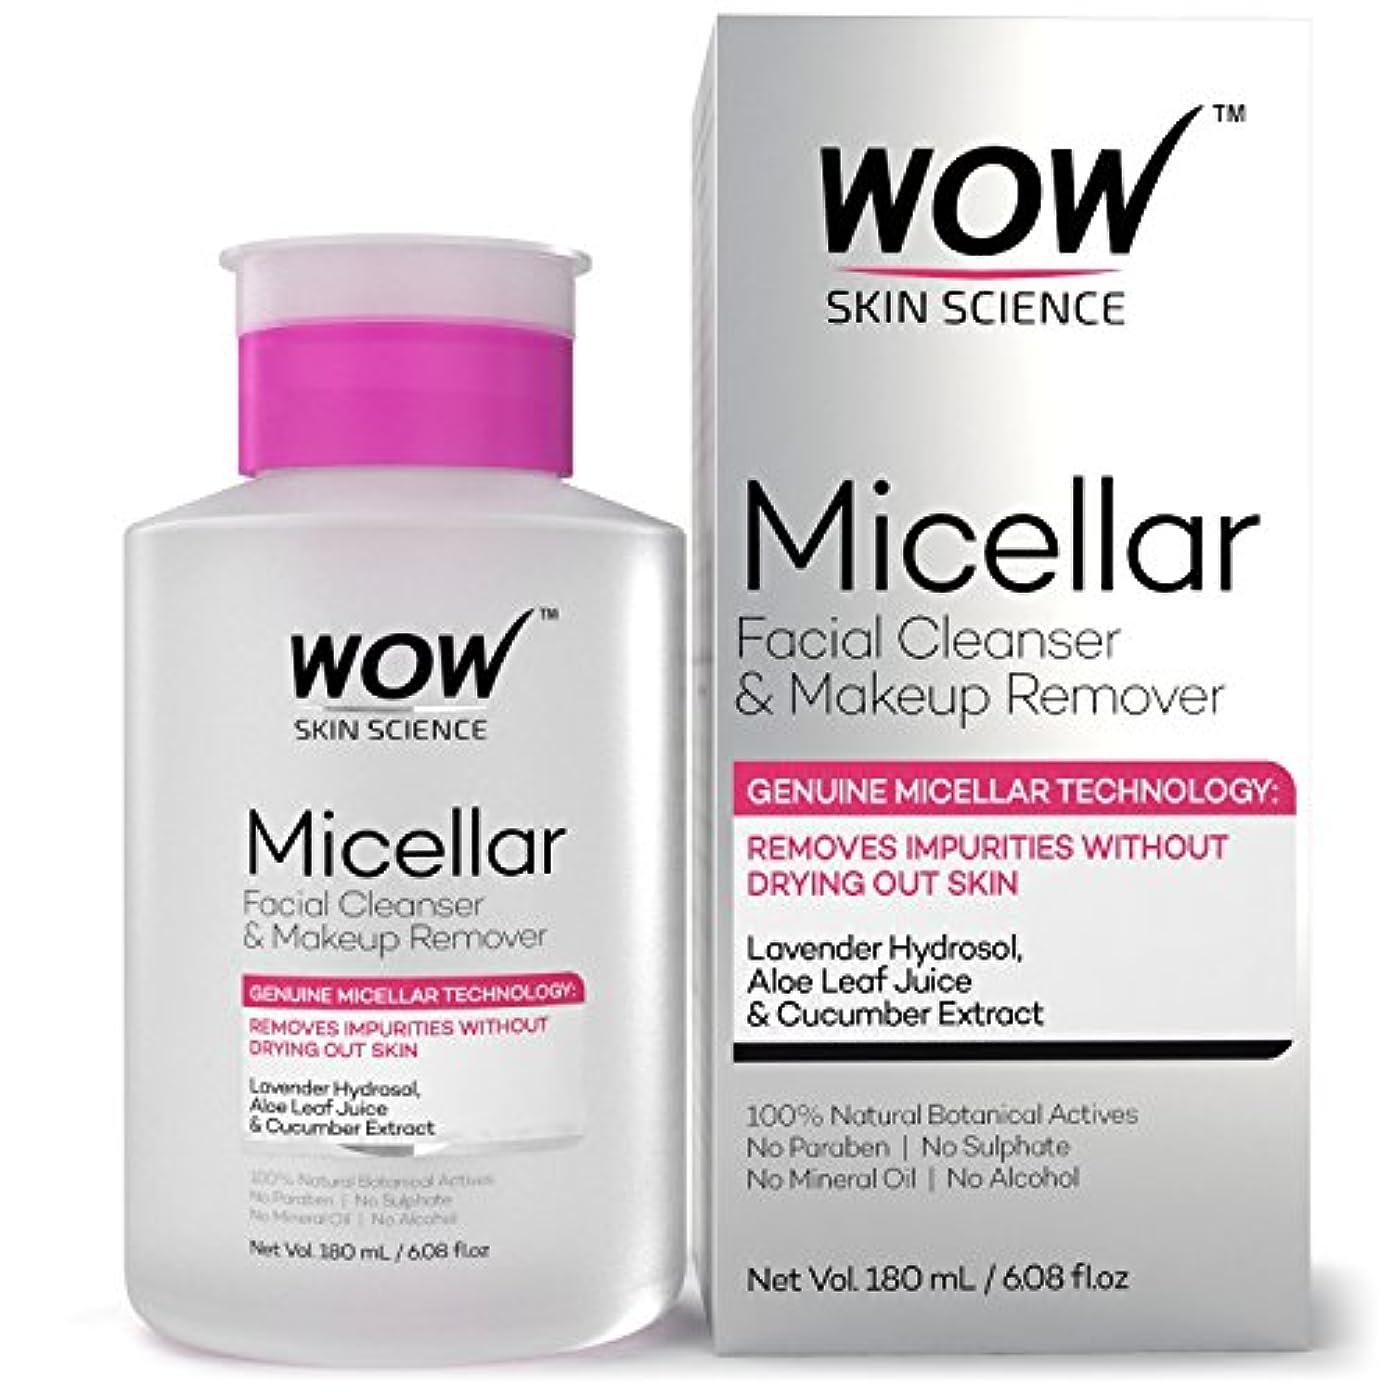 コレクションどちらも数WOW Micellar Facial Cleanser & Make Up Remover No Parabens, Sulphates, Mineral Oil, Alcohol & Synthetic Fragrance Water, 180mL